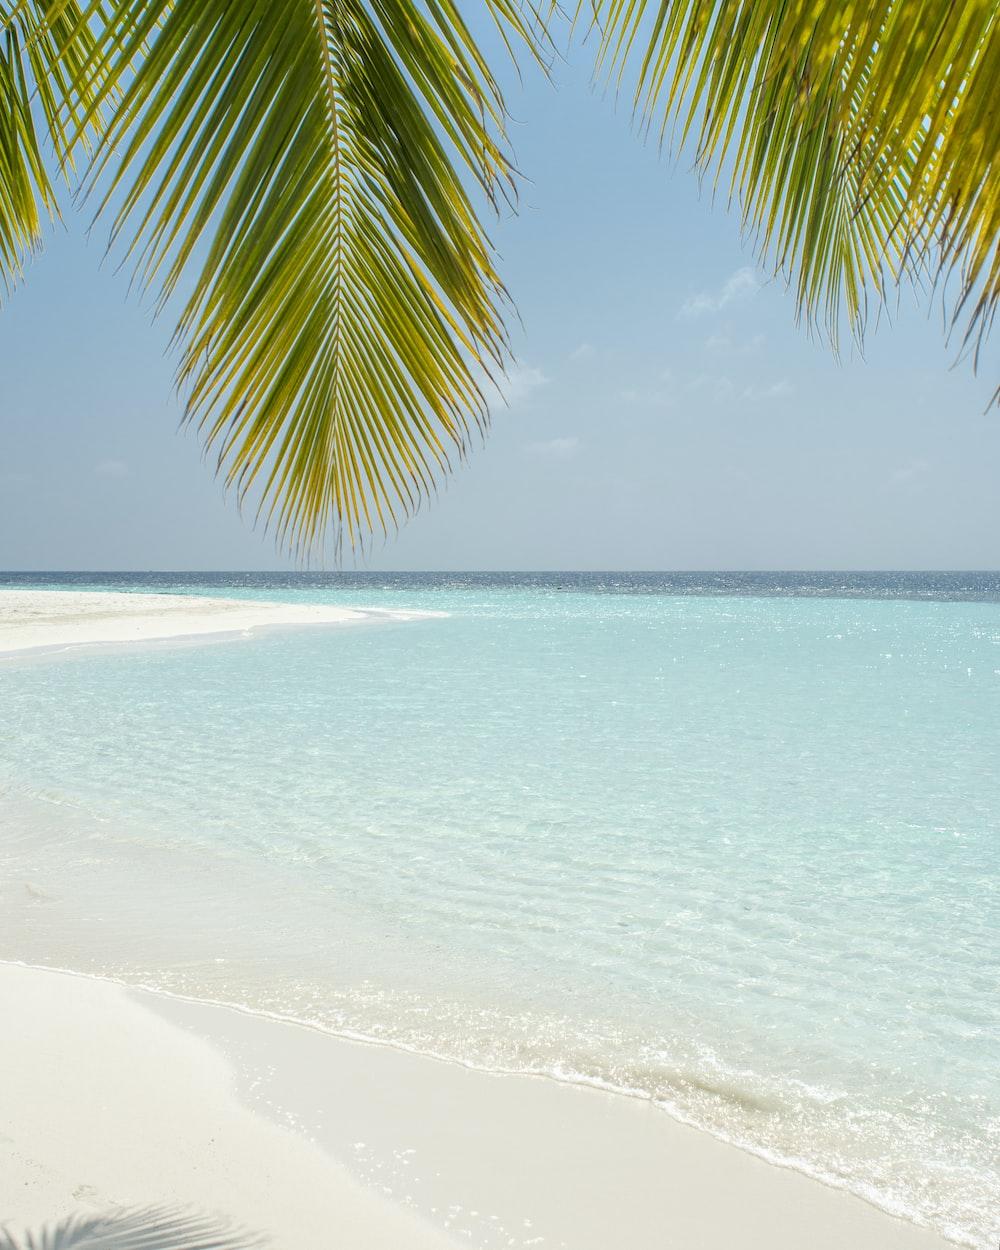 green coconut tree beside beach